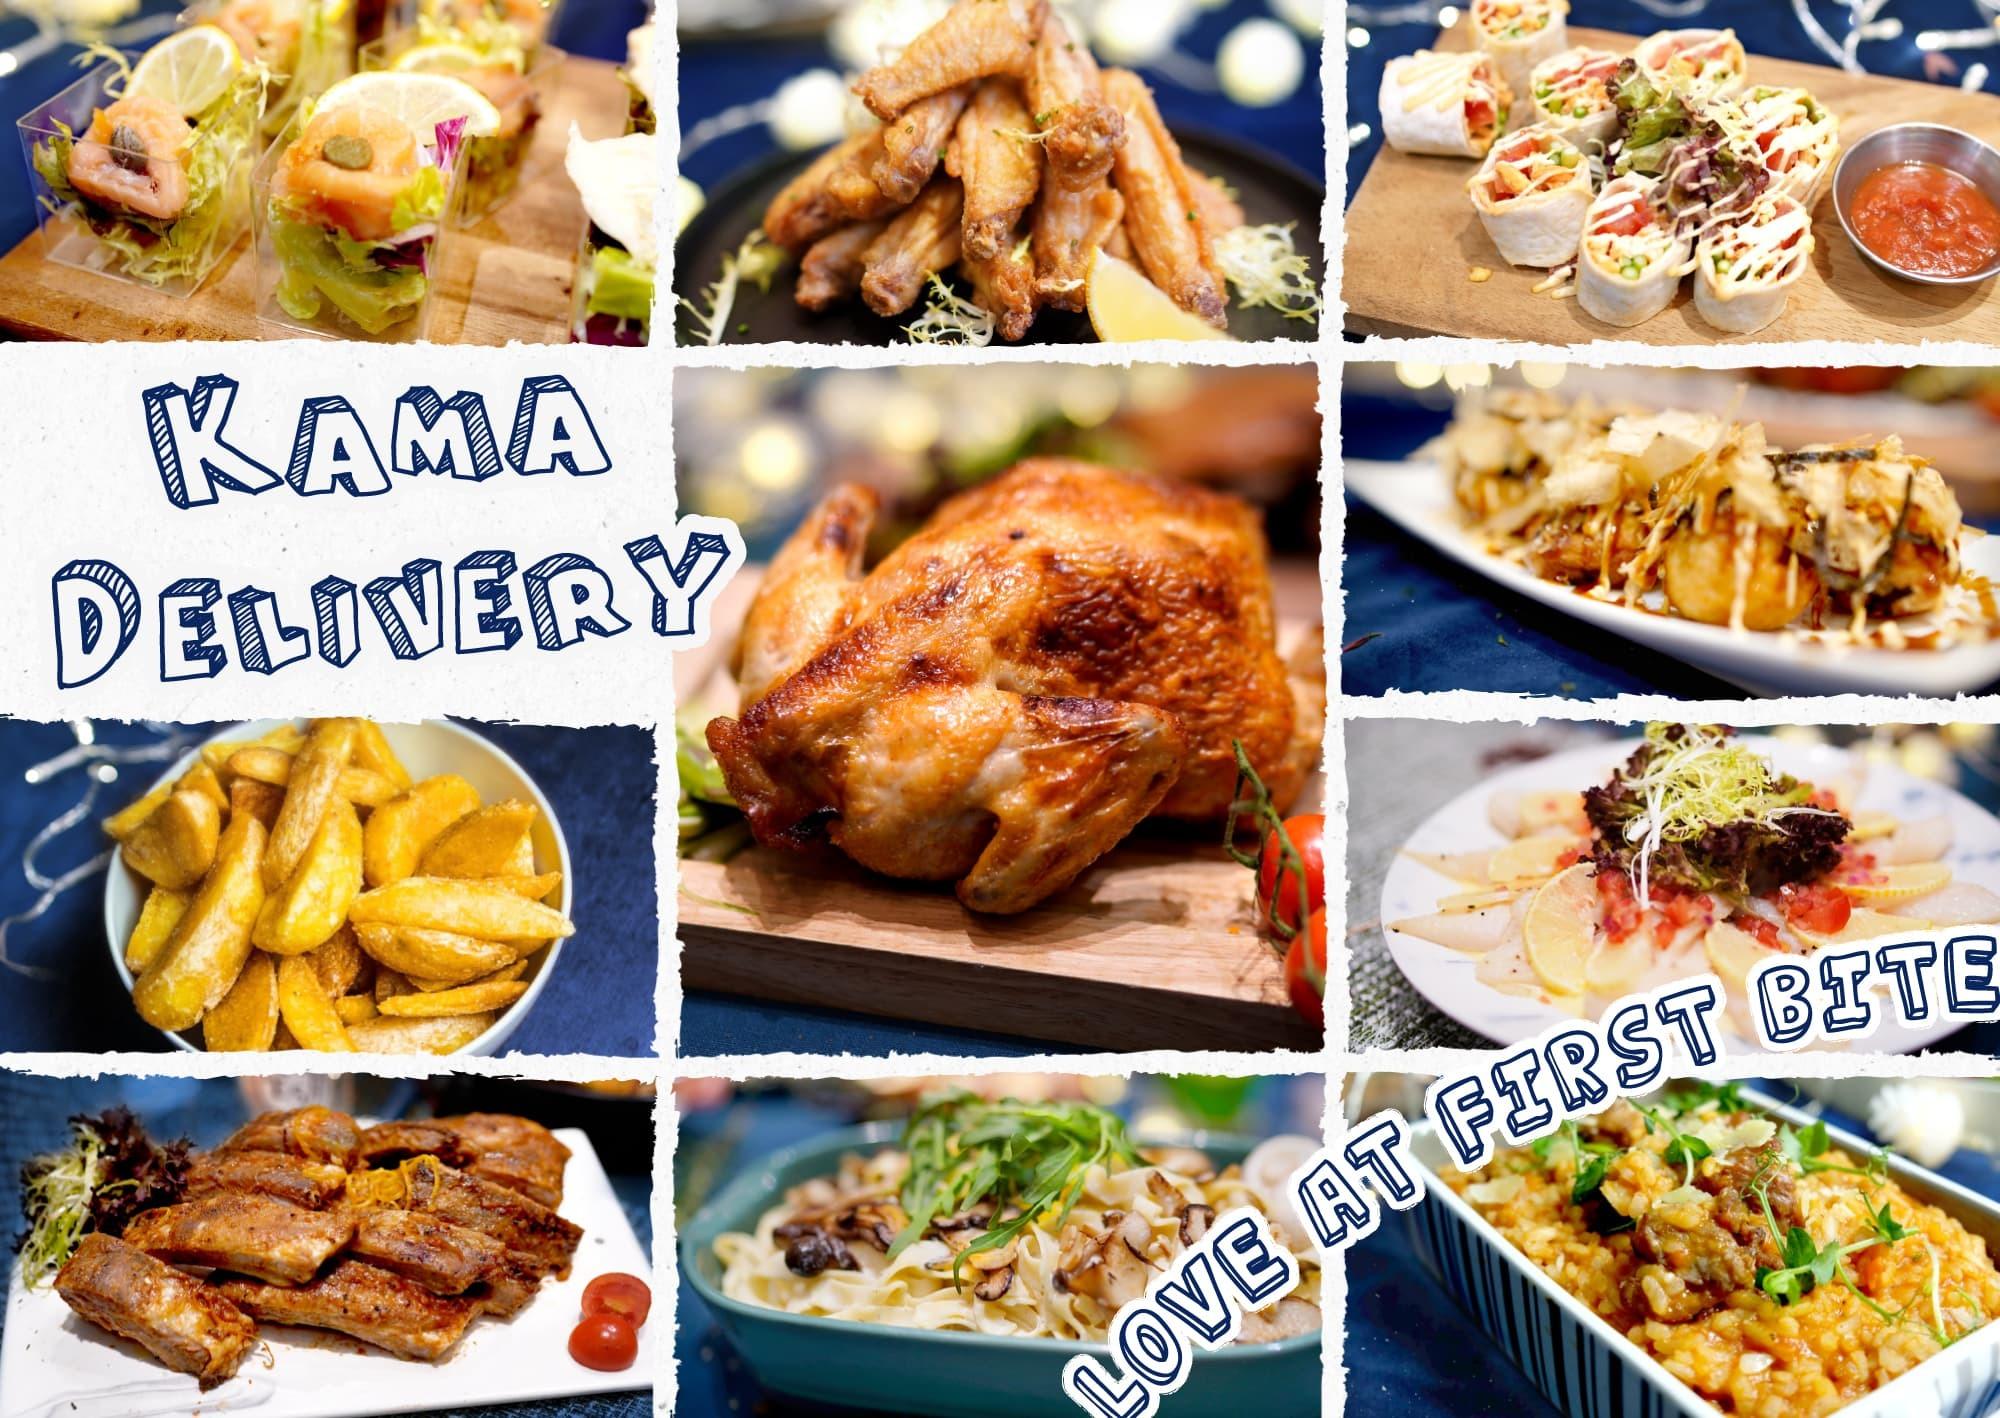 白沙灣到會外賣推介|Kama Delivery擁有多年到會外賣經驗|設有多人套餐及單點食品供訂購